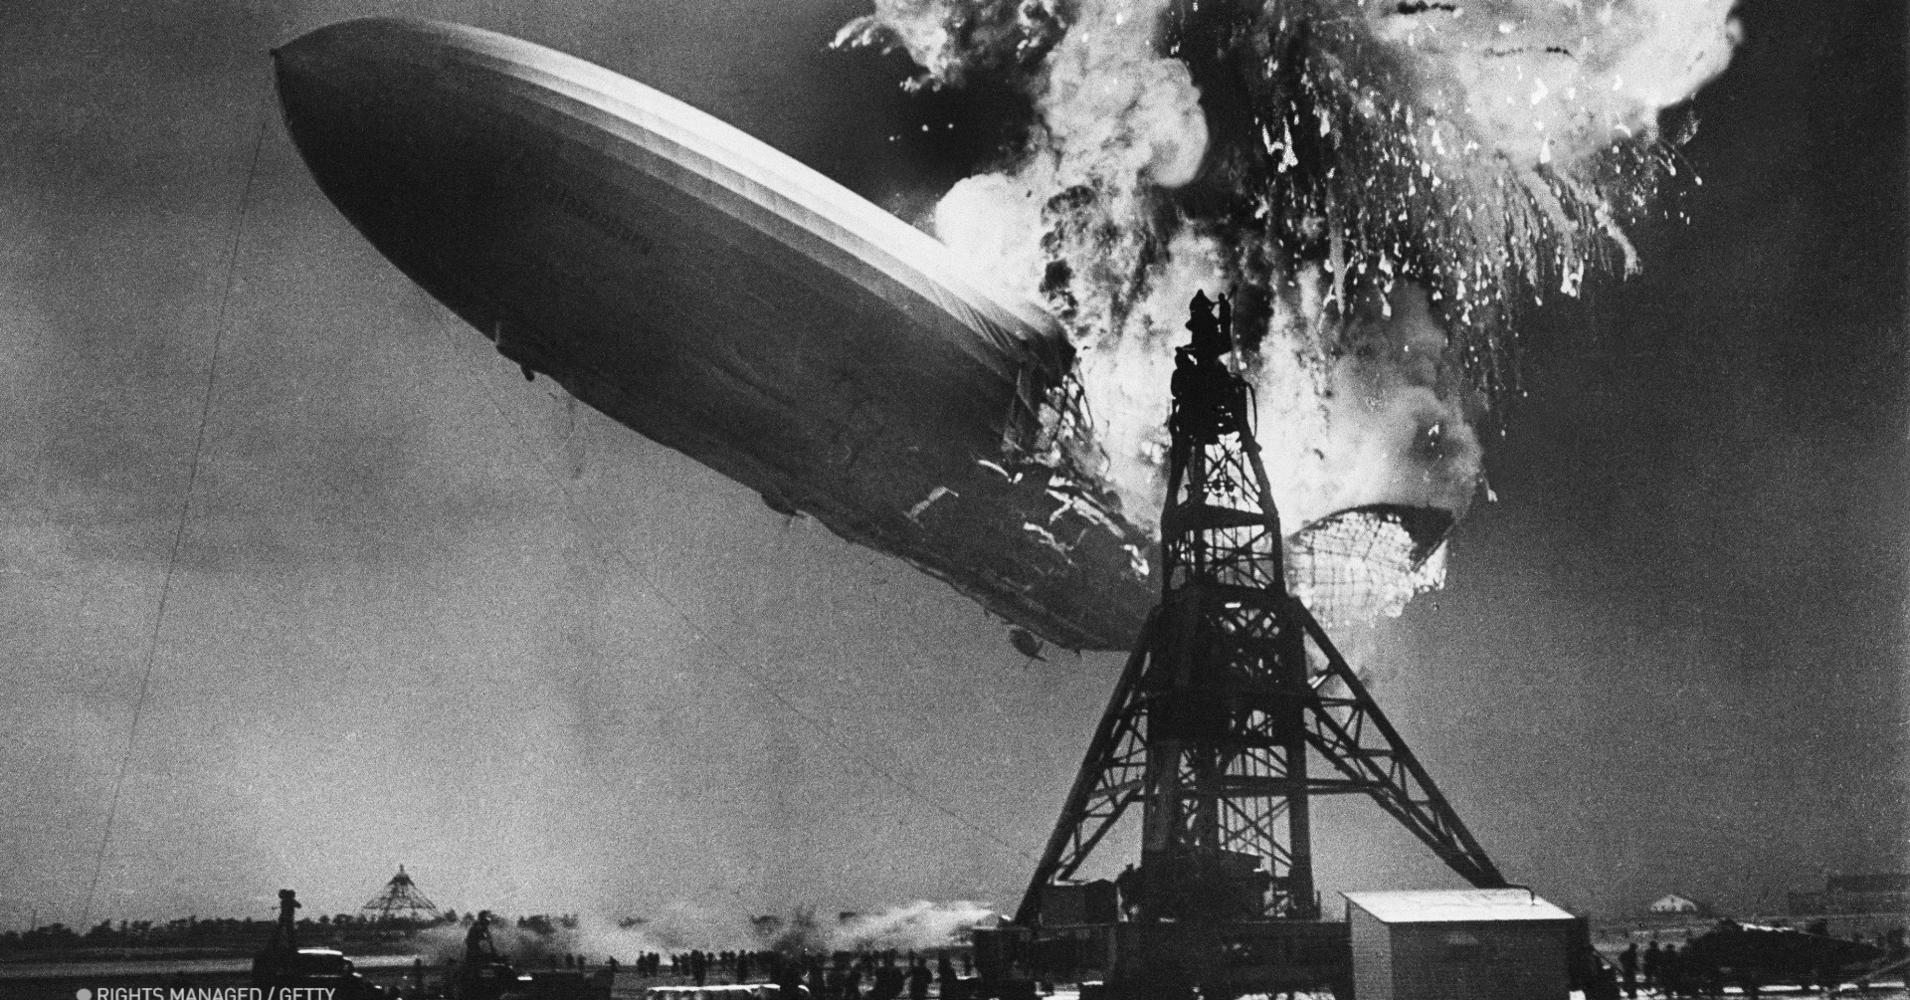 Retour en arrière sur L'une des pires catastrophes dans le monde https://t.co/uJeGXz5B50 via @via_ouest